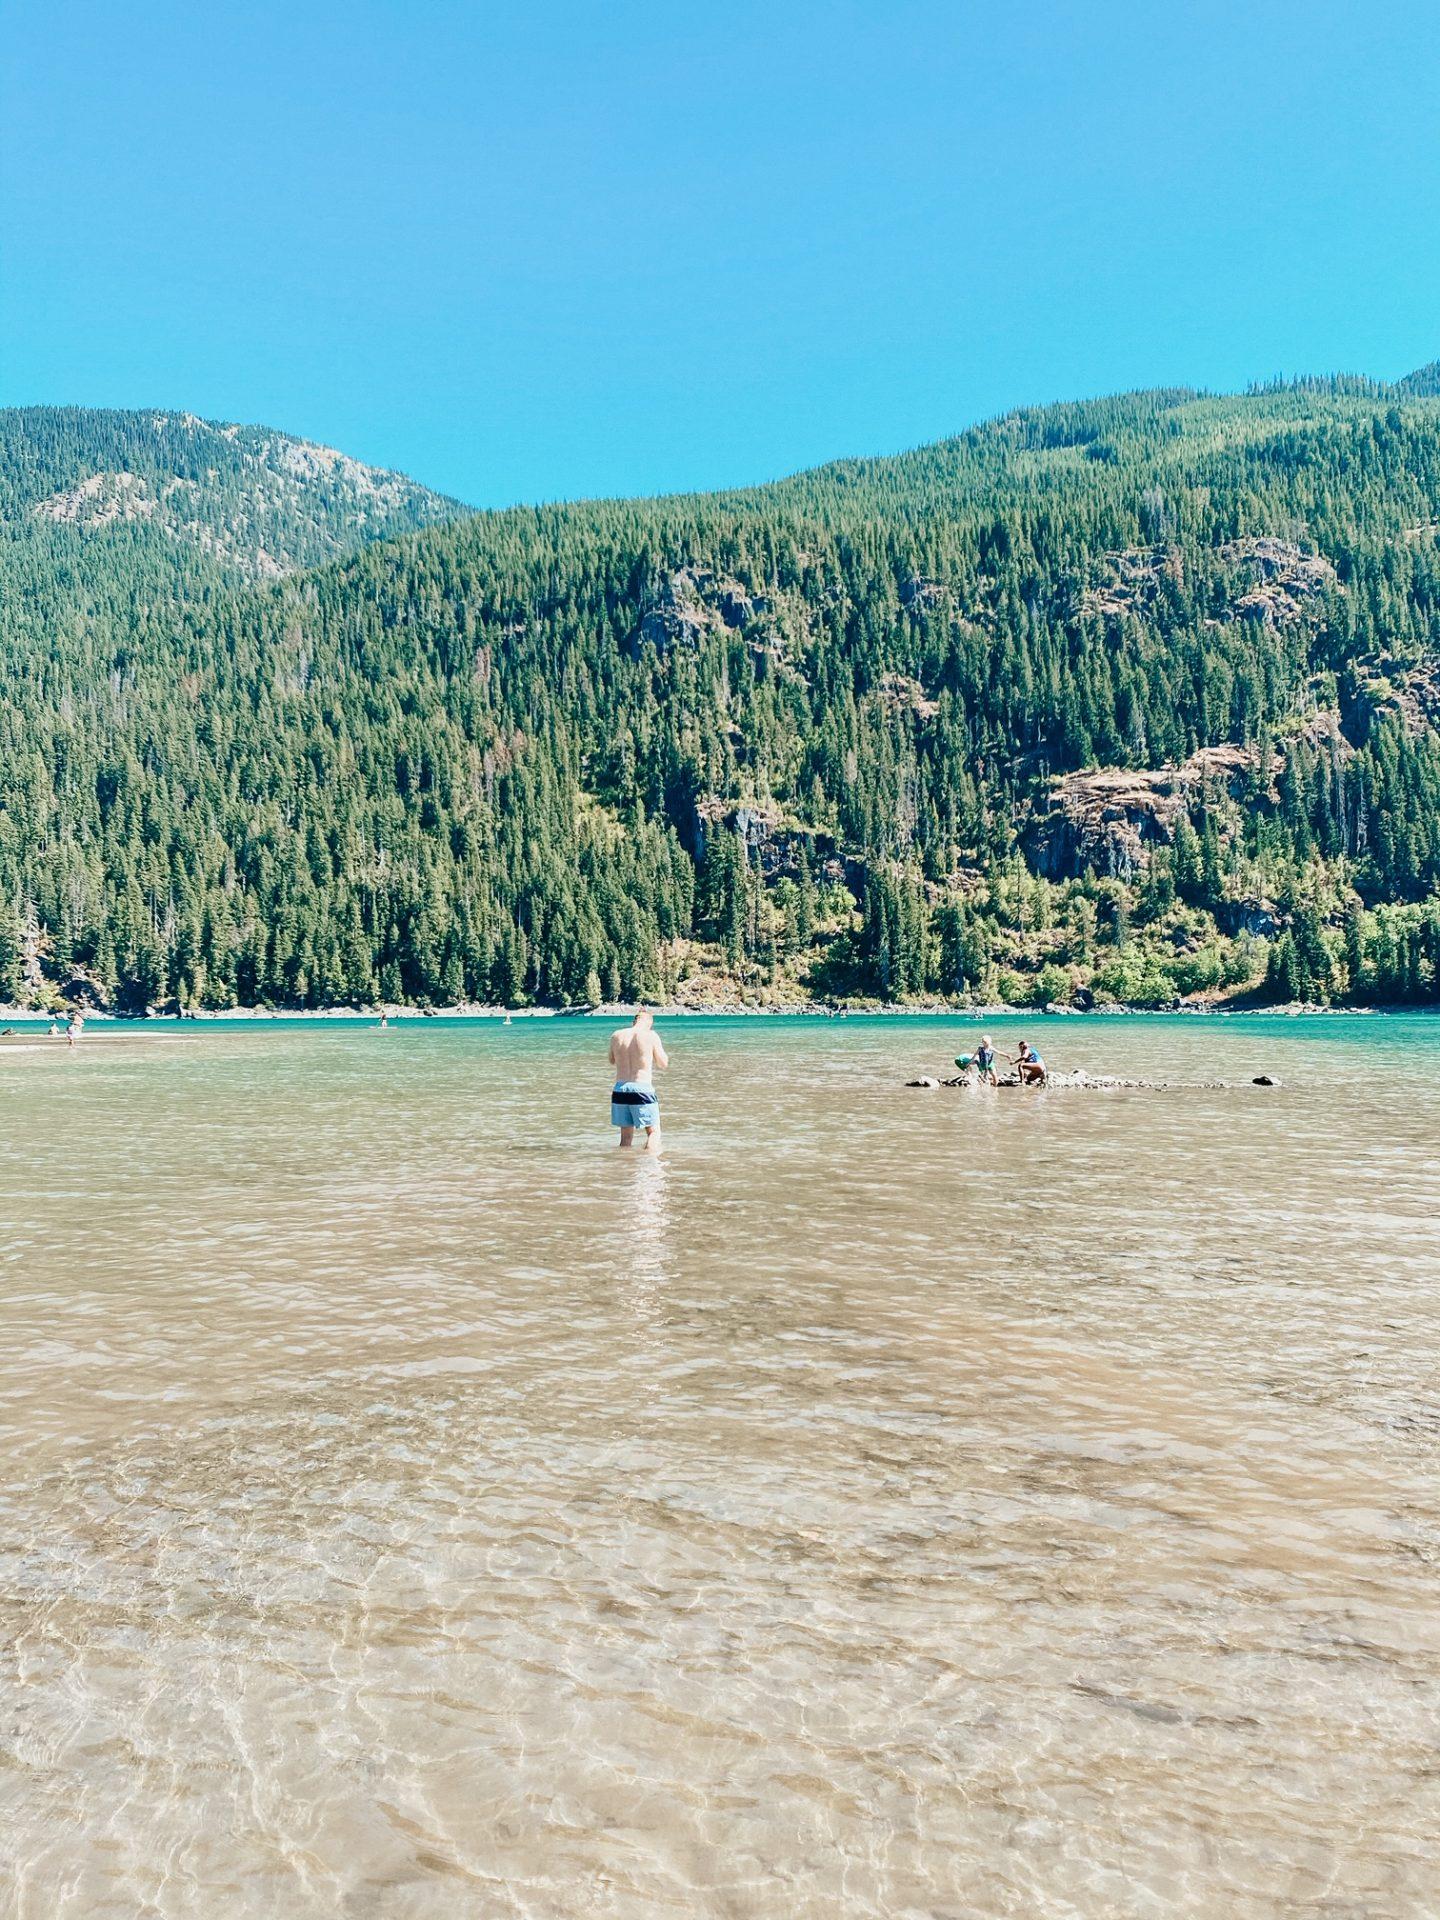 kayaking at kachess lake